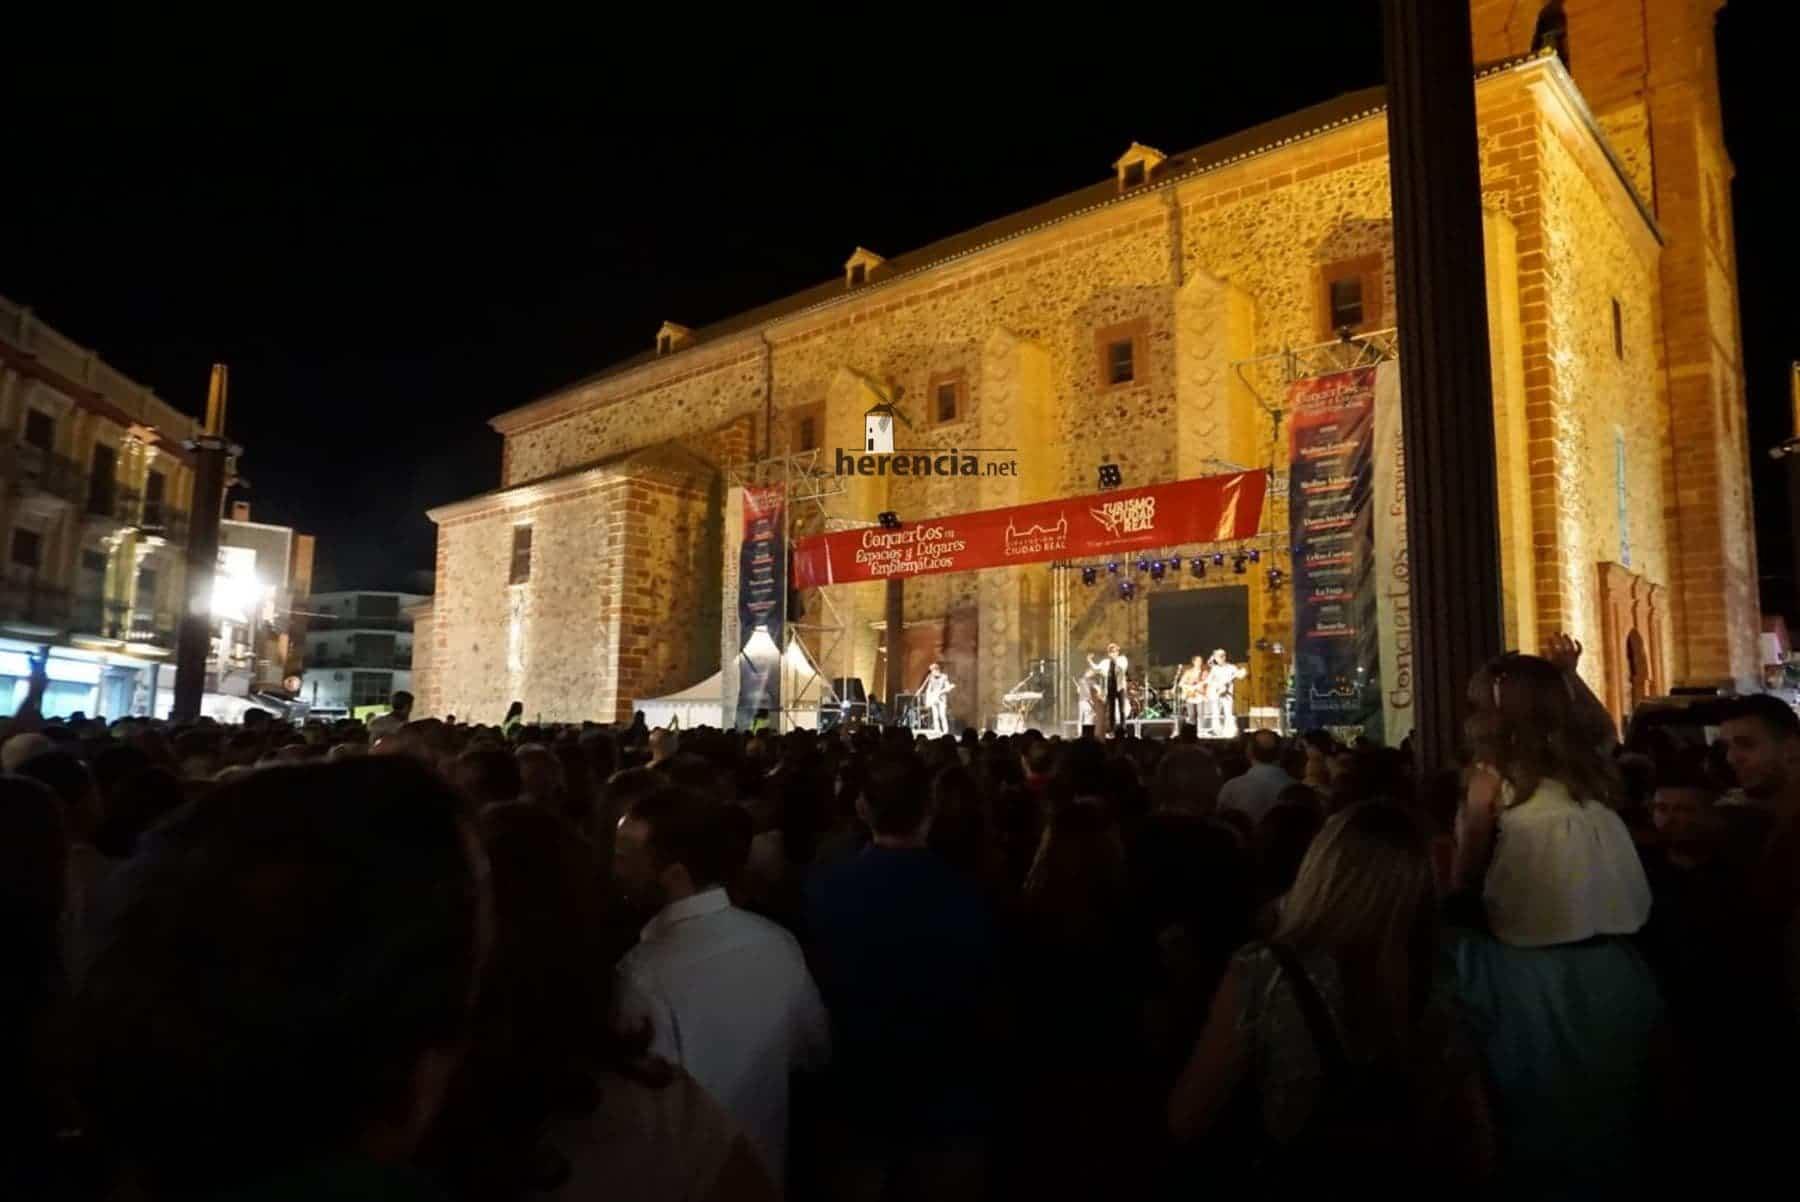 DVICIO llena una renovada Plaza de España en Herencia 44